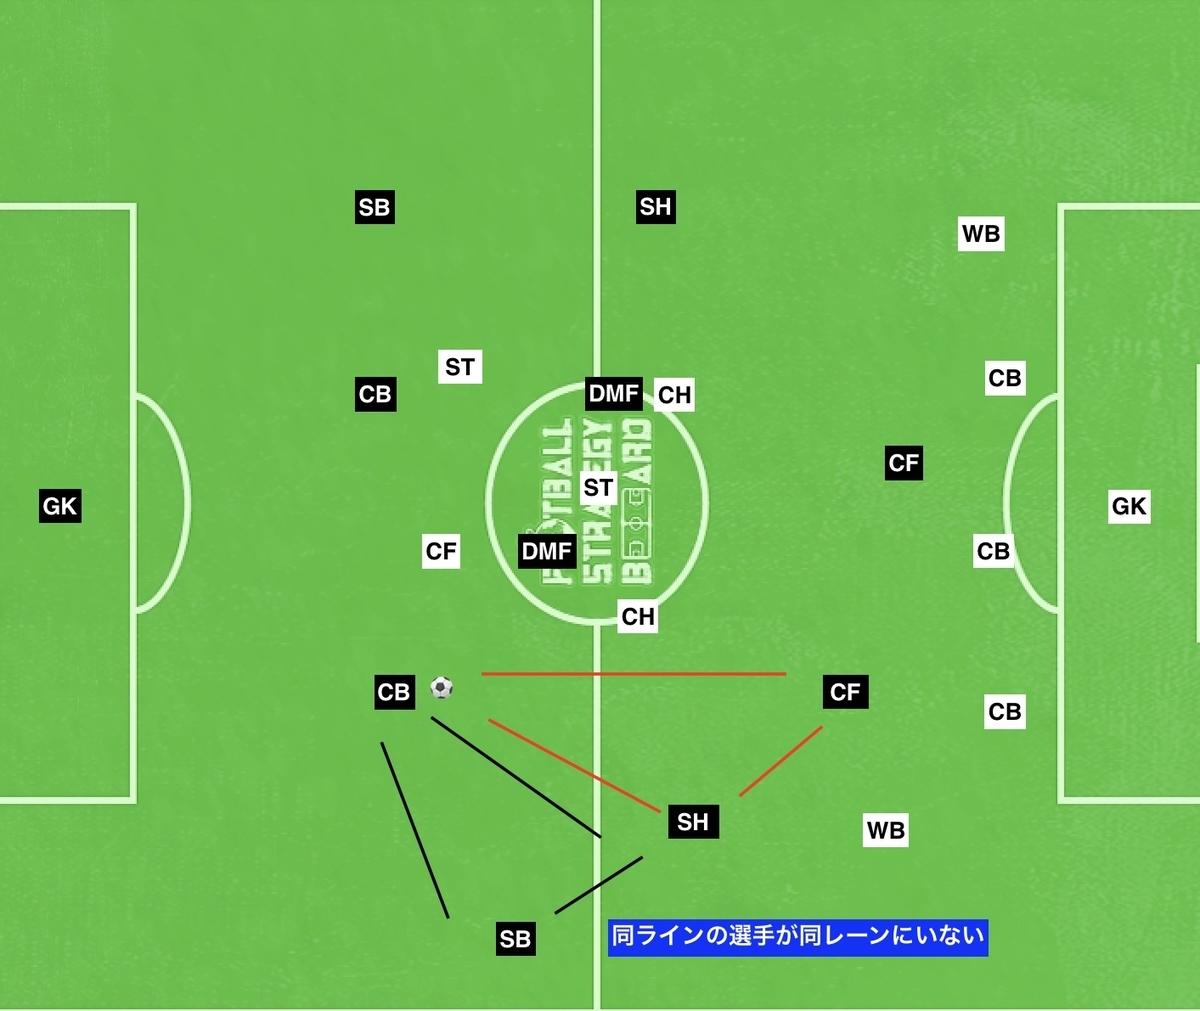 f:id:football-analyst:20190802102225j:plain